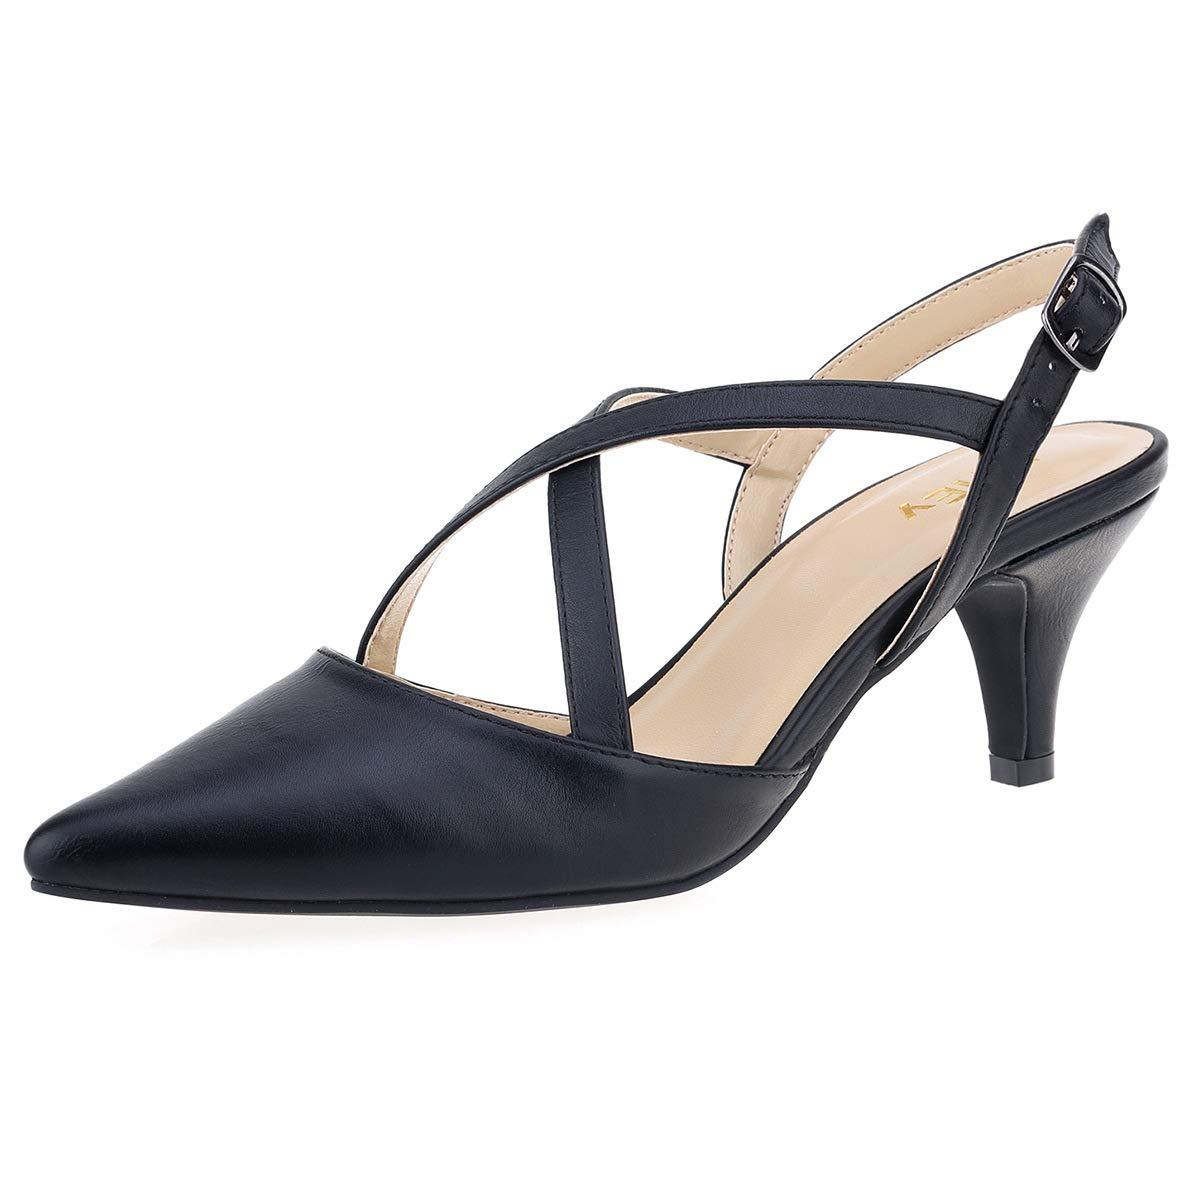 Amazon Com Zriey Women S Comfortable Low Heel Mid Heel Sandals 2